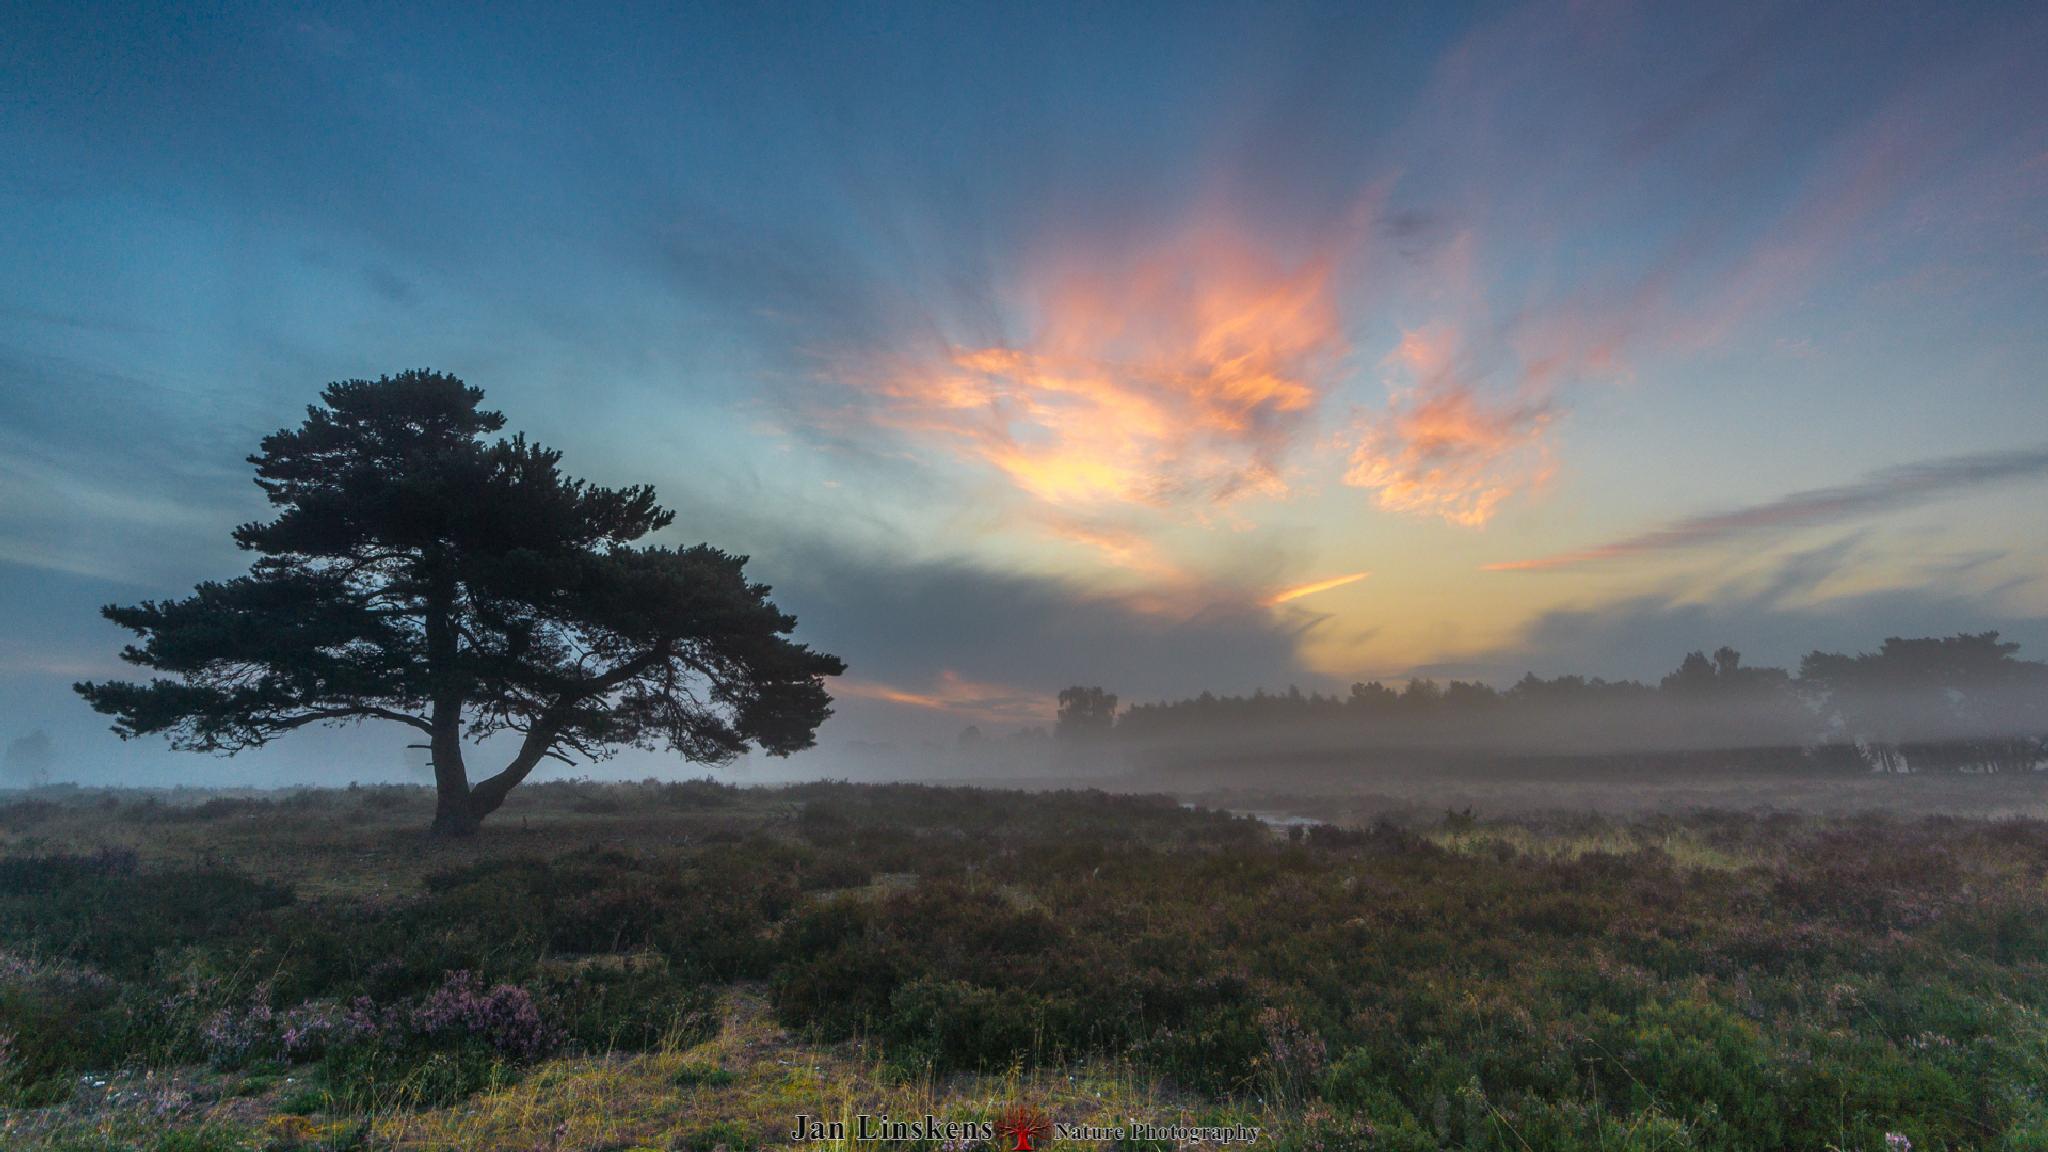 sunrise by jan.linskens.18